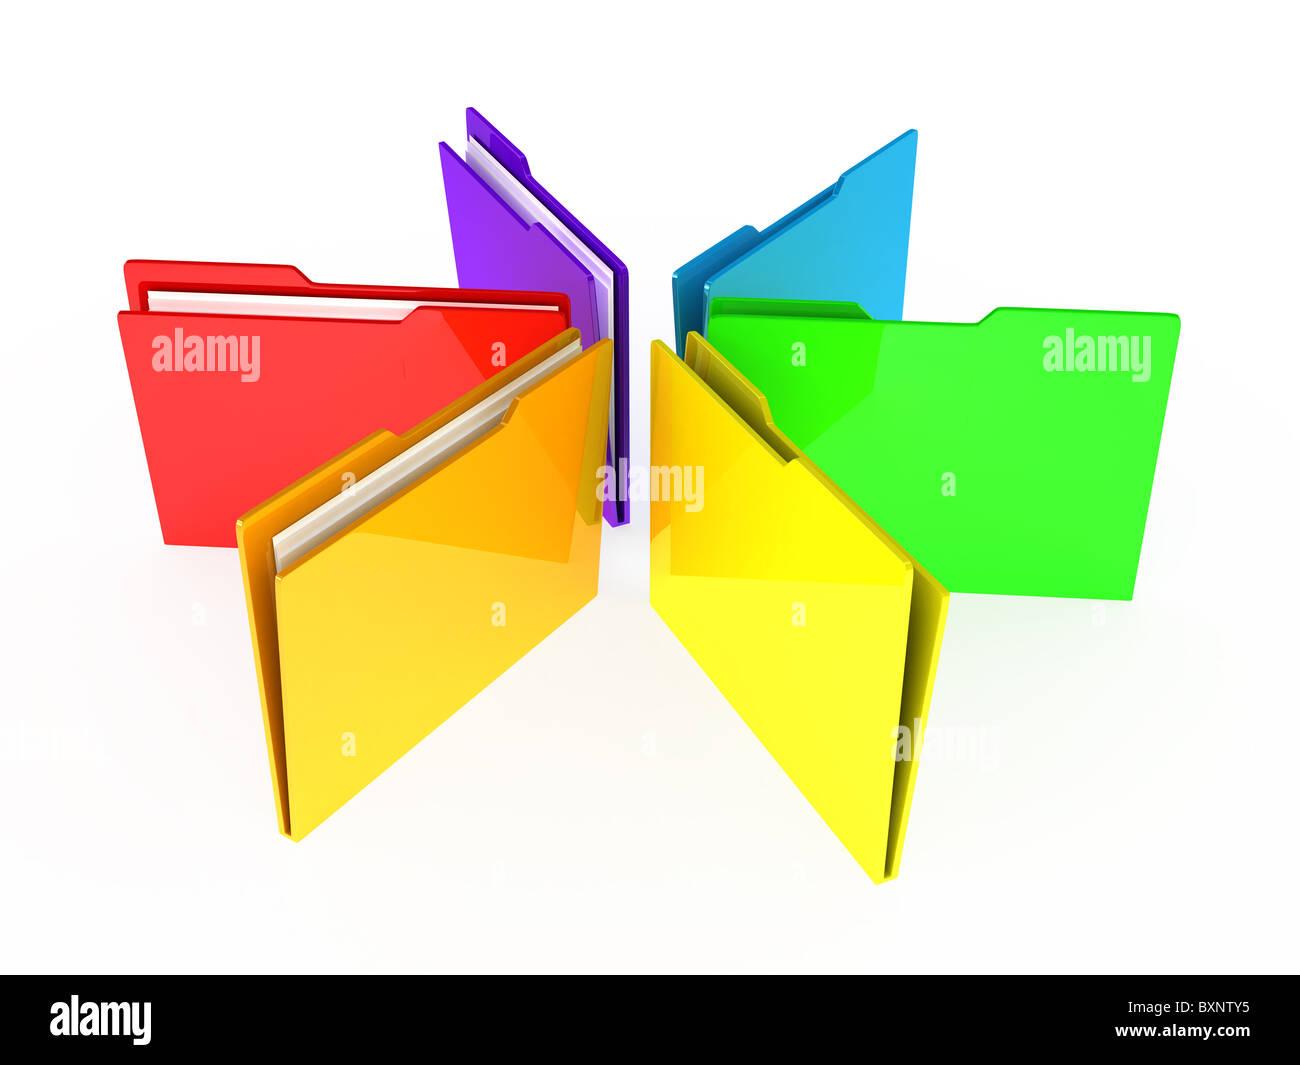 Folders on white background - Stock Image